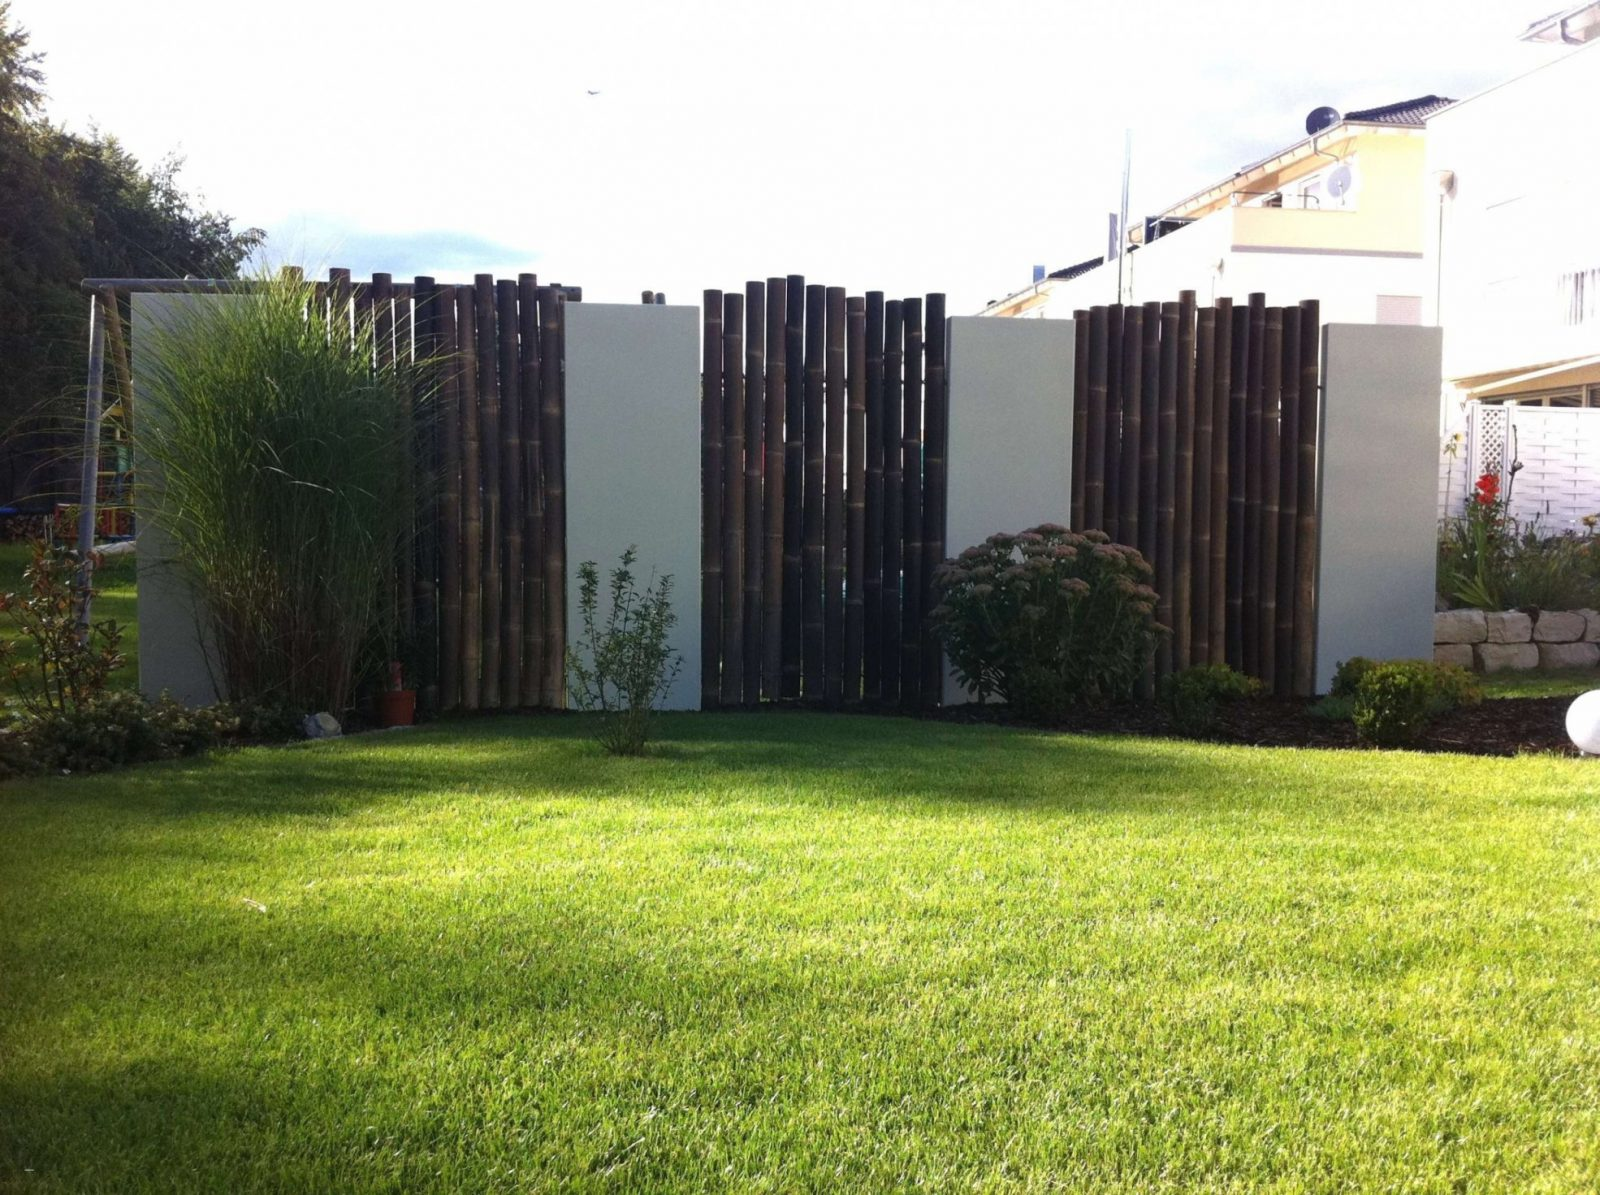 Pflanzen Als Sichtschutz Terrasse — Temobardz Home Blog von Pflanzen Als Sichtschutz Terrasse Photo